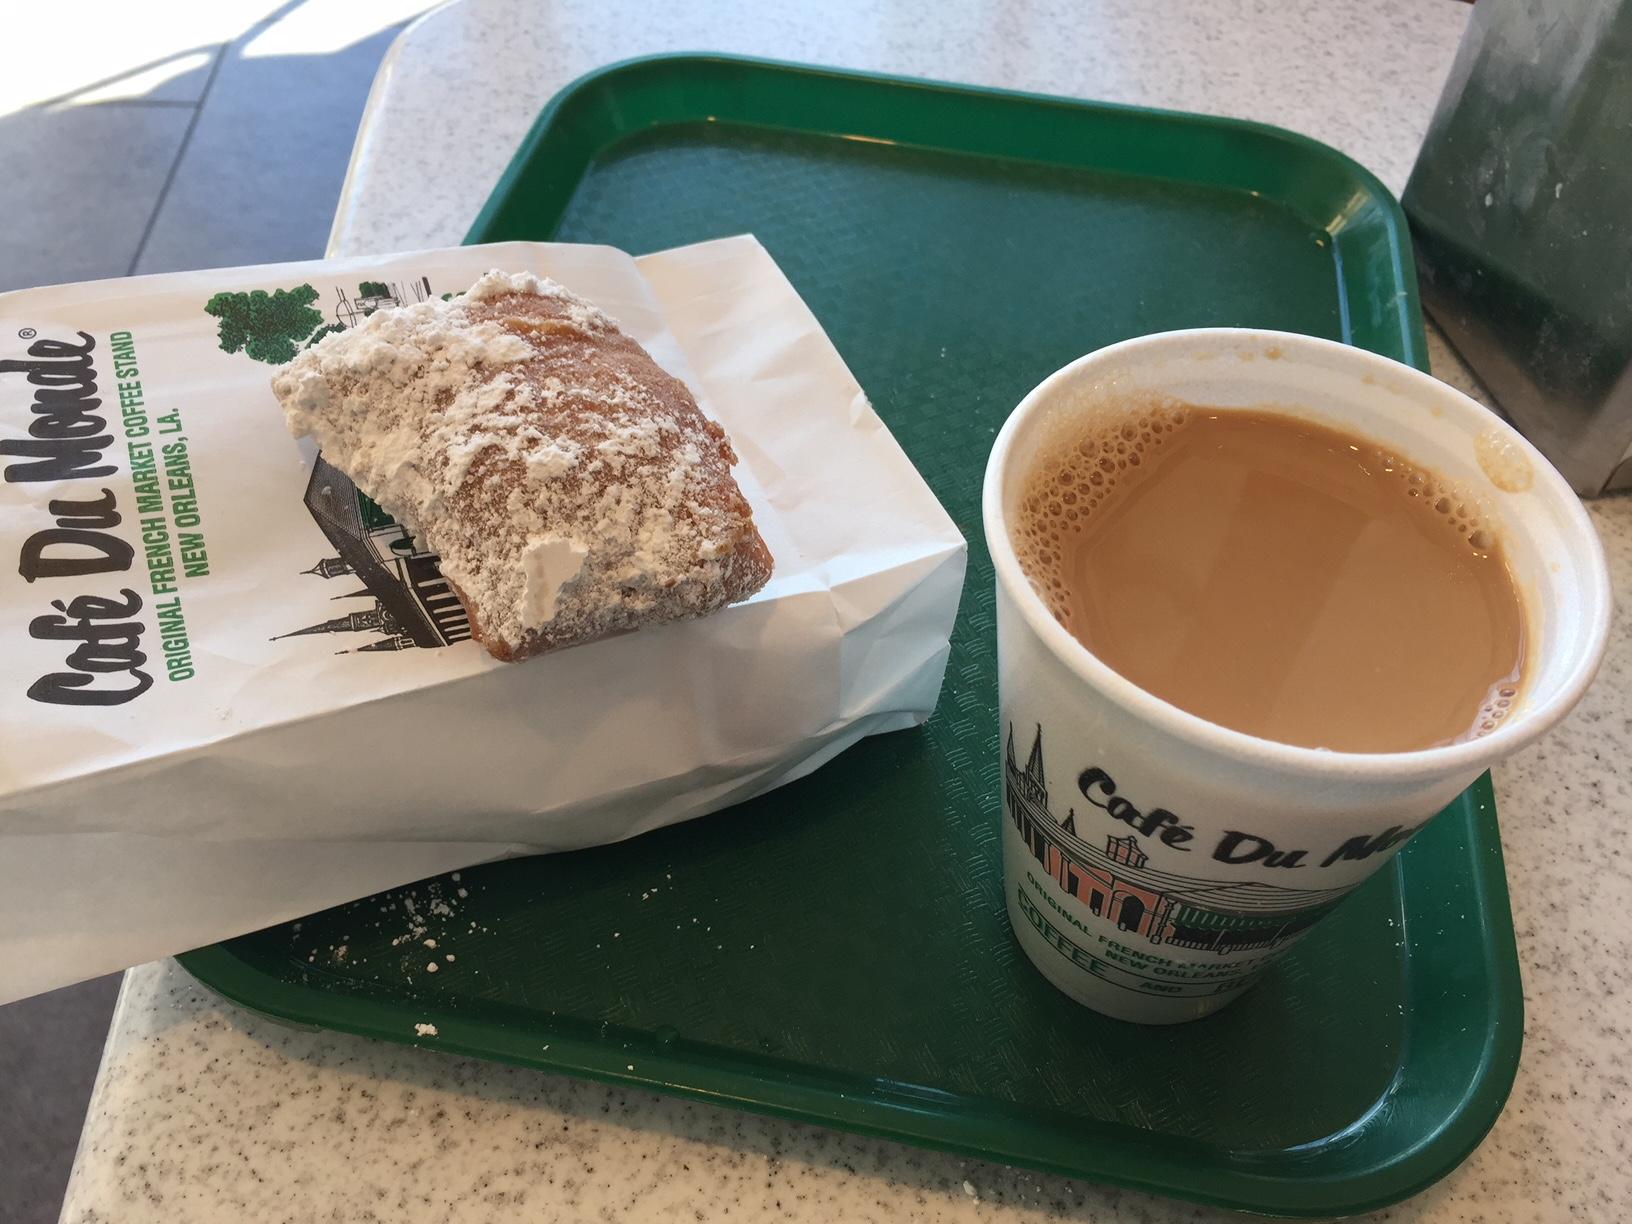 Café DON'T Monde.